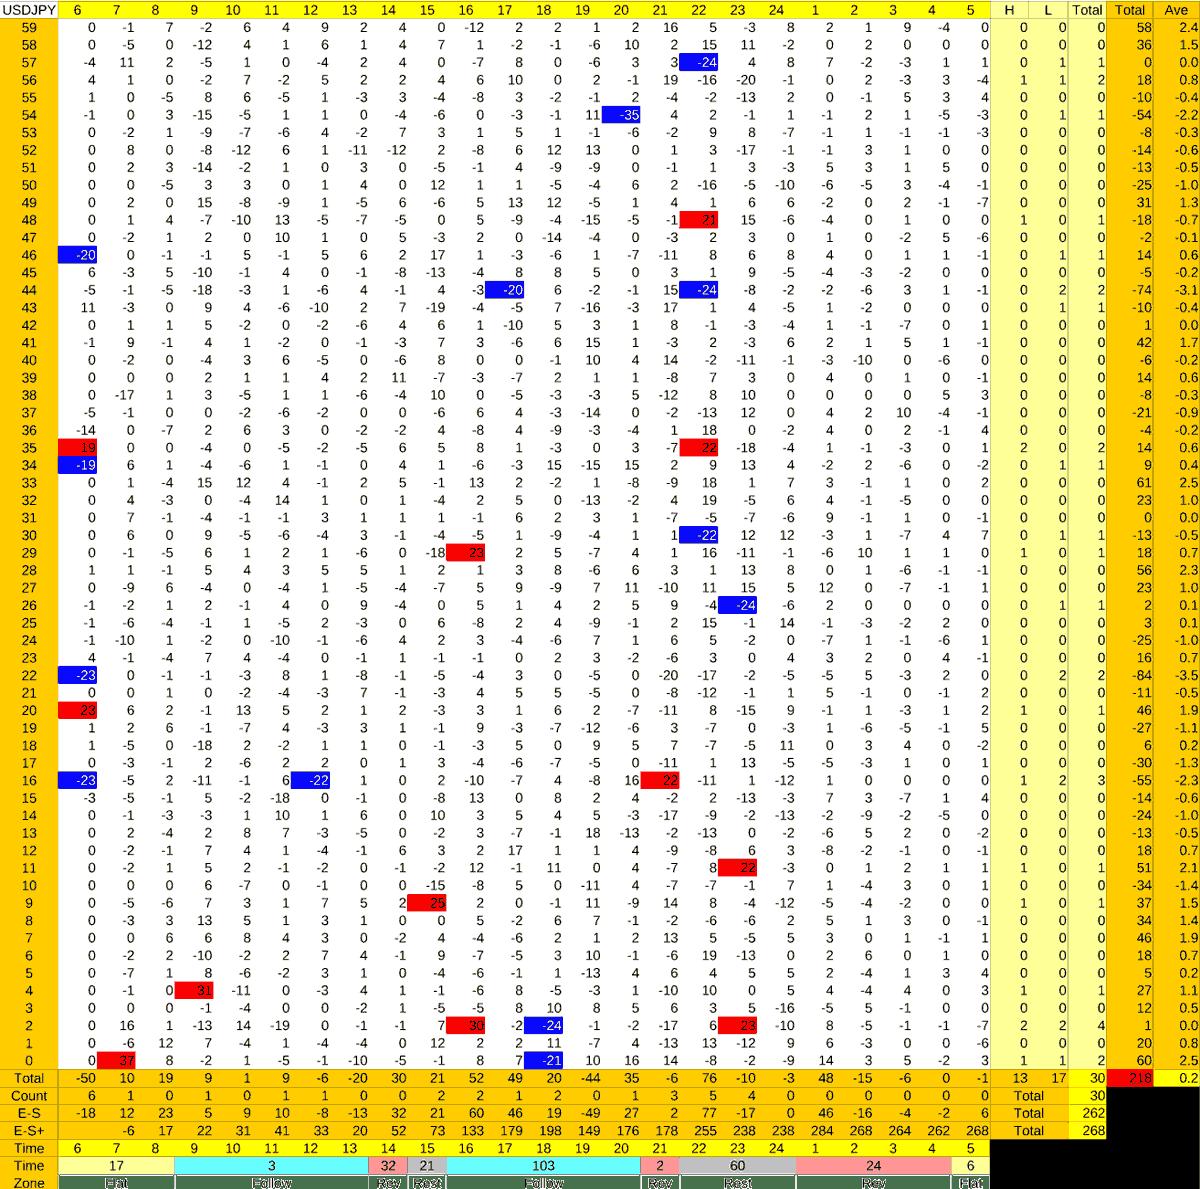 20210810_HS(1)USDJPY-min